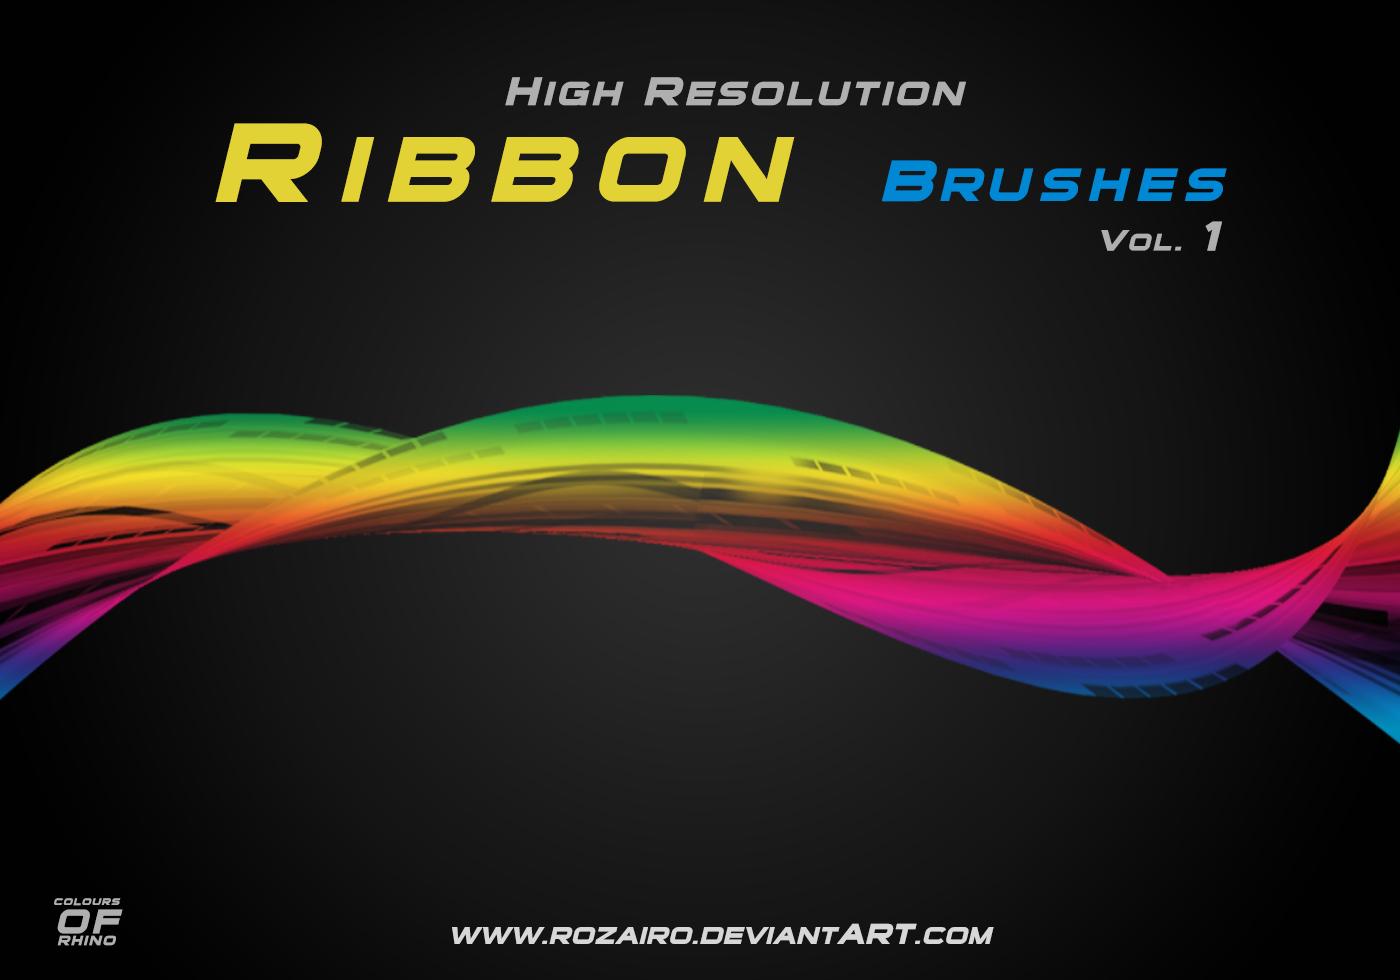 Ribbon-brushes